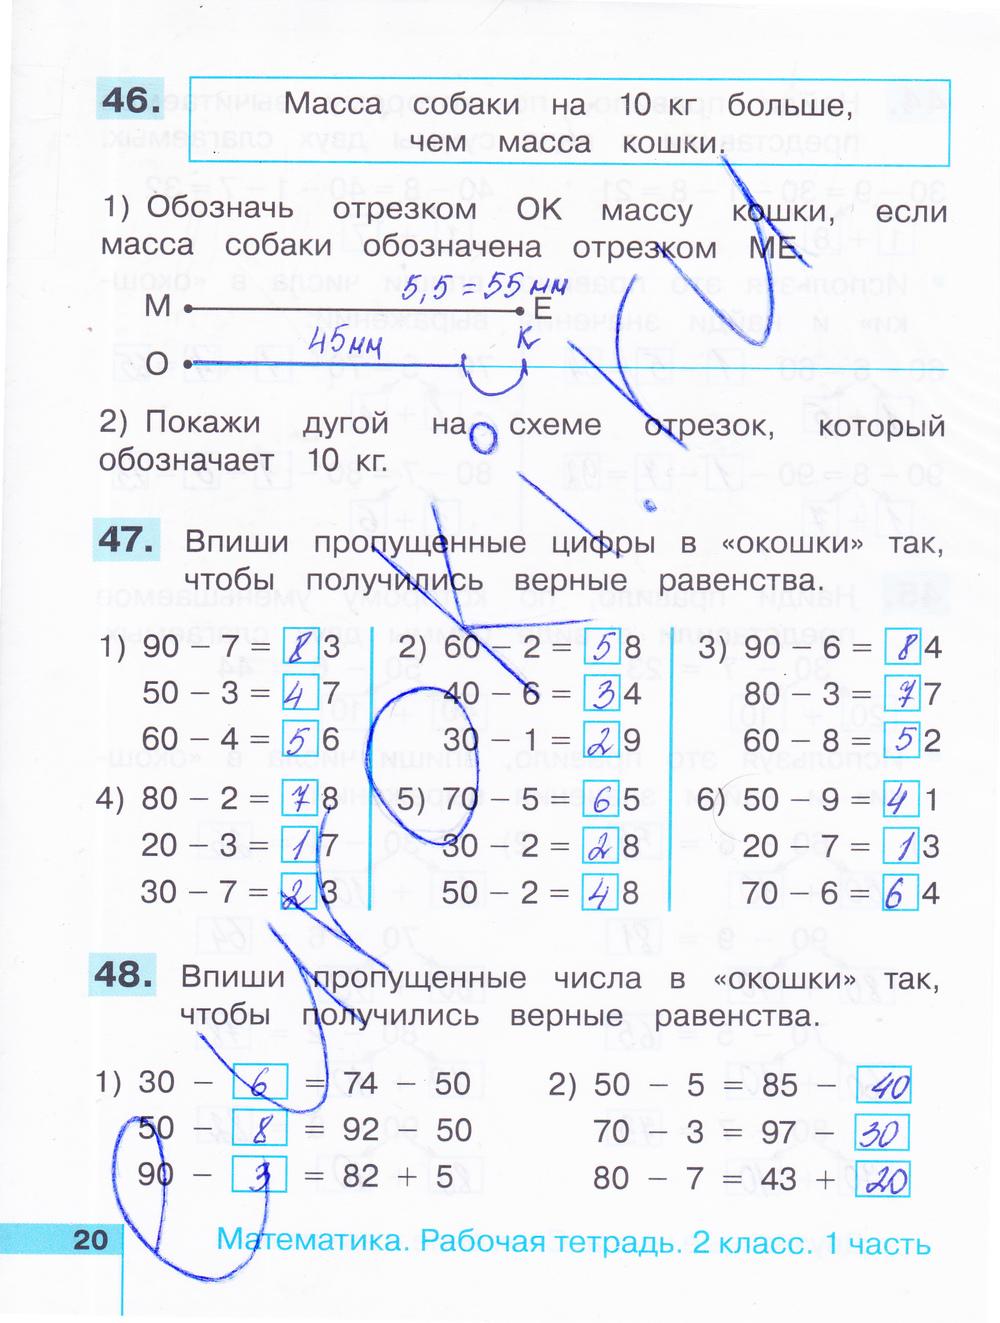 математика часть 2 рабочая тетрадь истомина 2 гдз класс